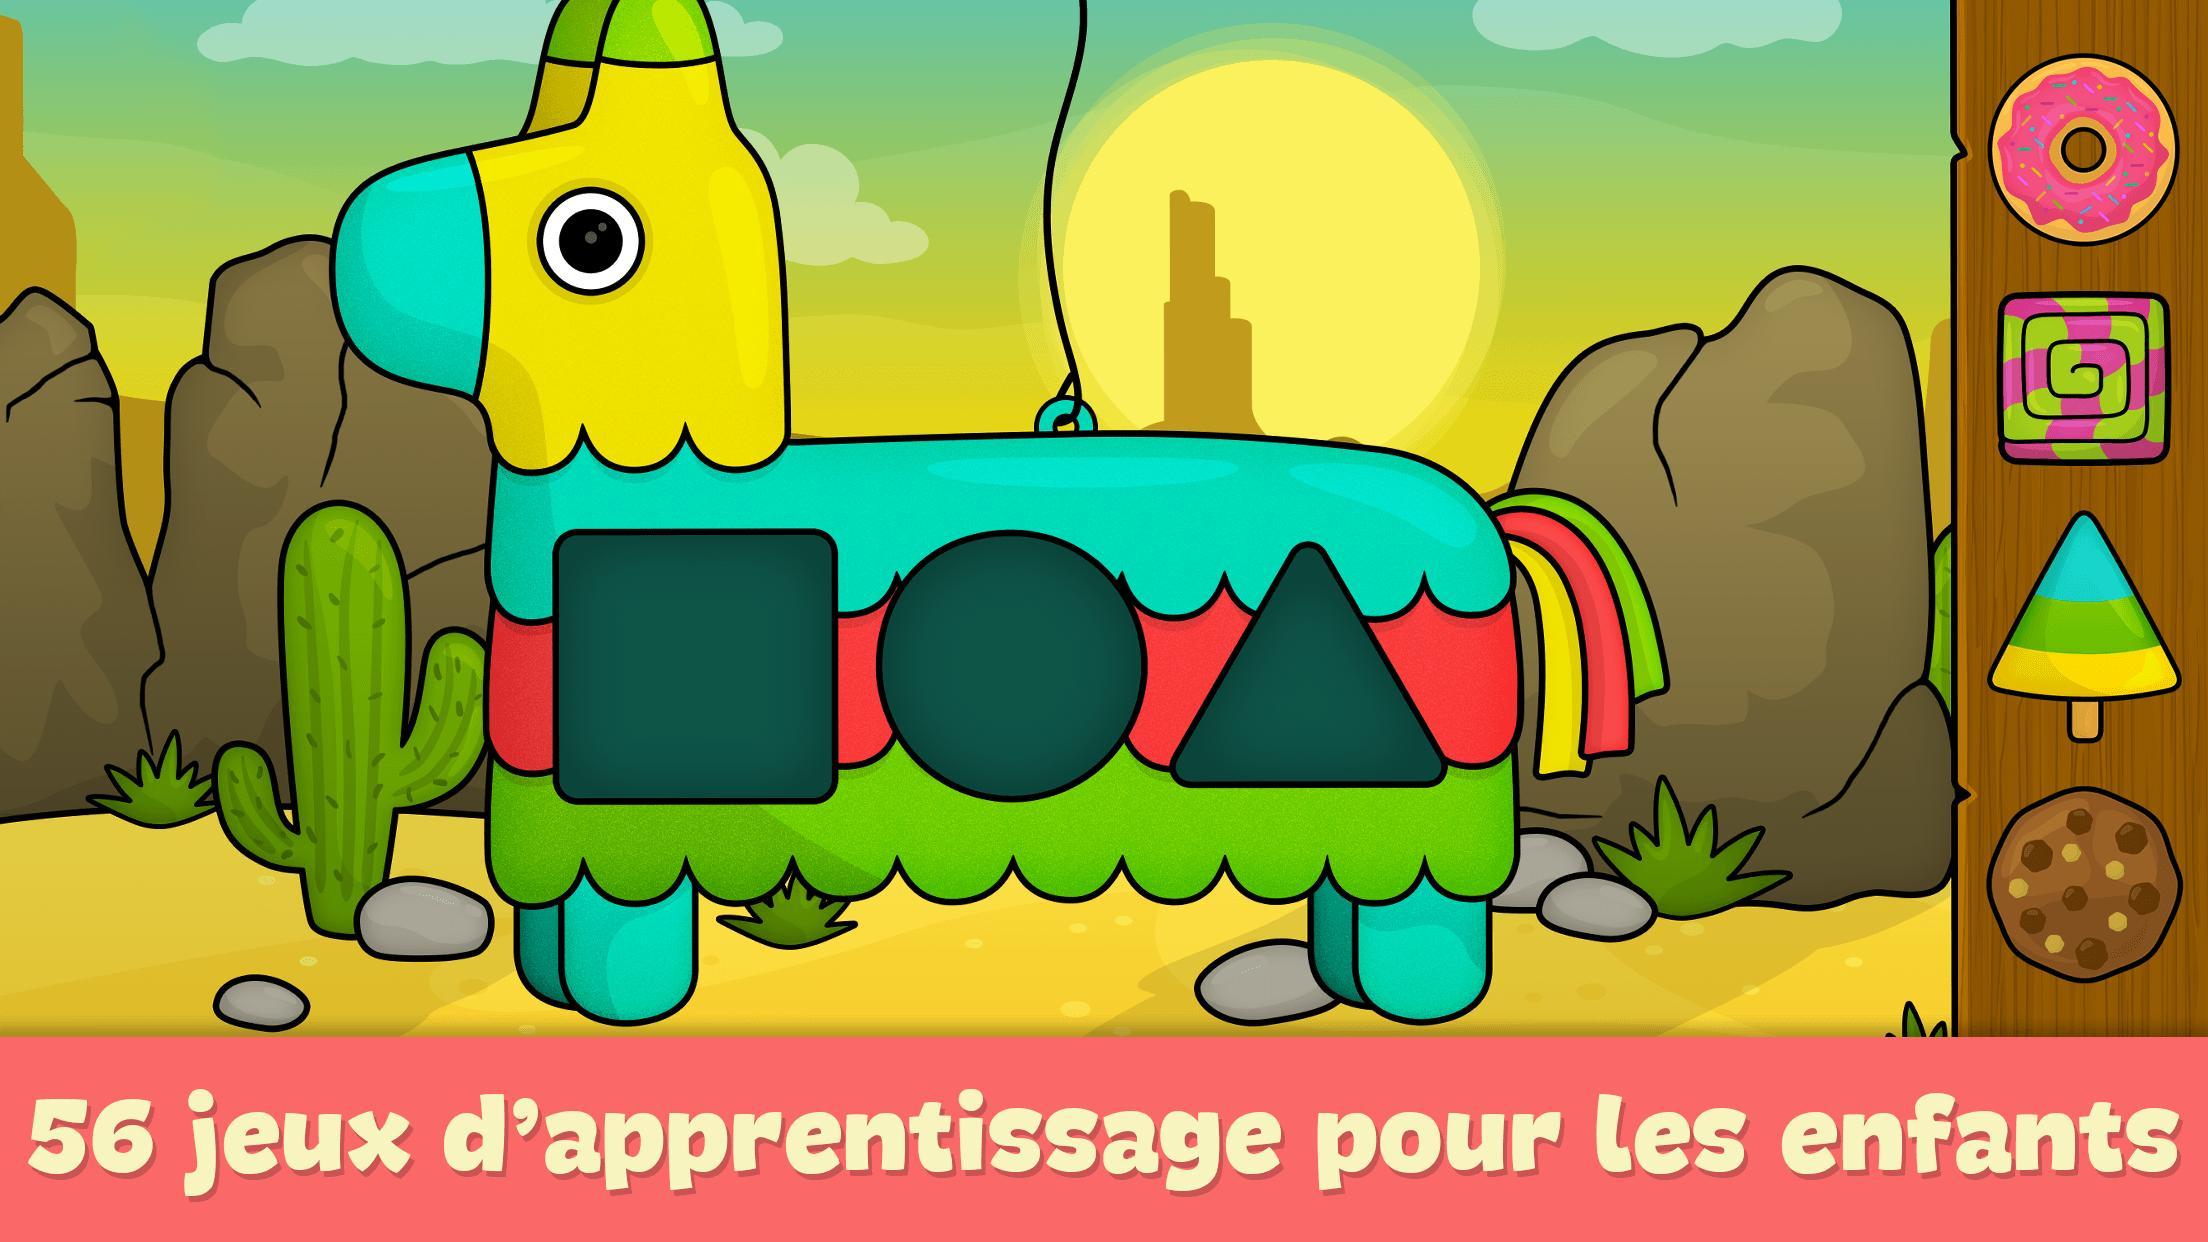 Jeux Pour Enfants 2 - 5 Ans Pour Android - Téléchargez L'apk intérieur Jeux De Garcon Gratuit 3 Ans